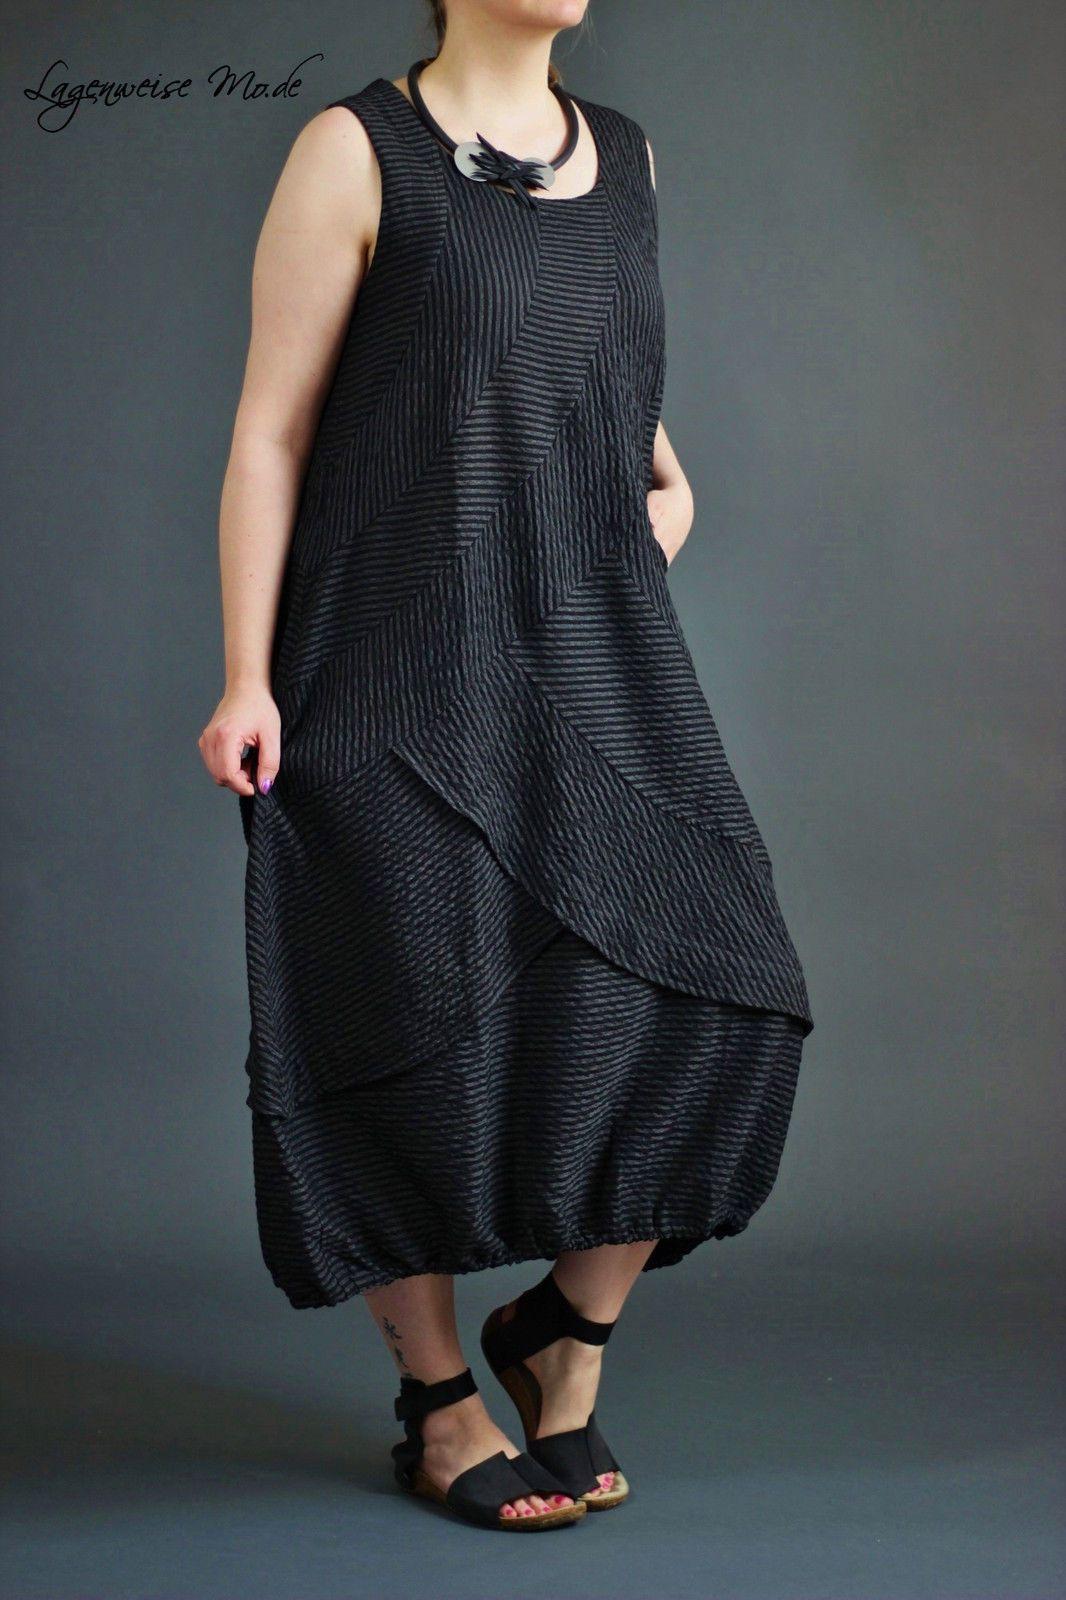 Abend Fantastisch Kleid Lang Gr 50 für 2019Abend Wunderbar Kleid Lang Gr 50 Vertrieb